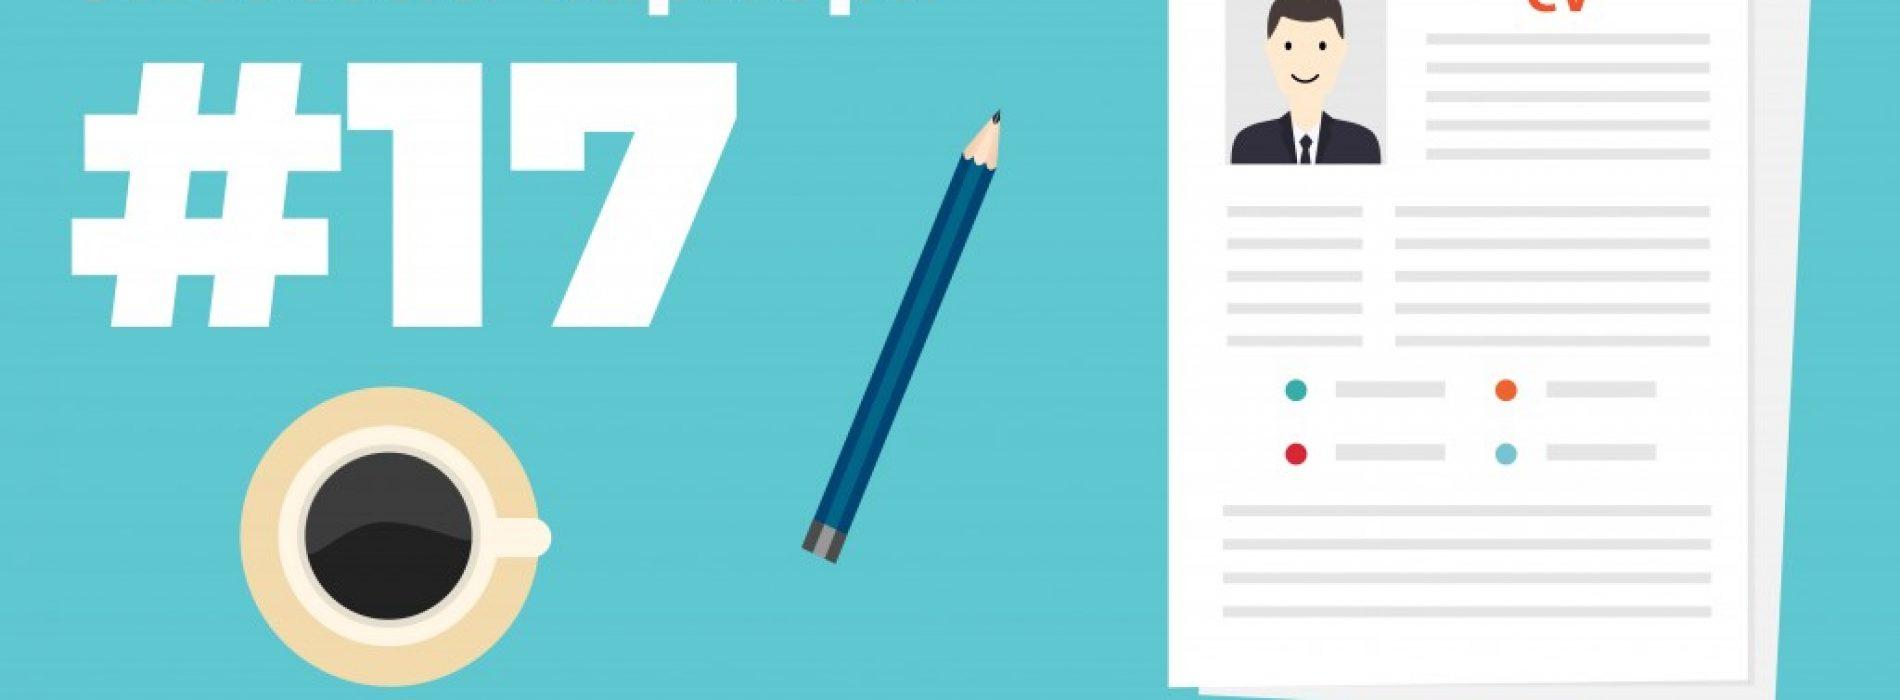 Внимание! Ето кои грешки най-често се допускат в CV-то